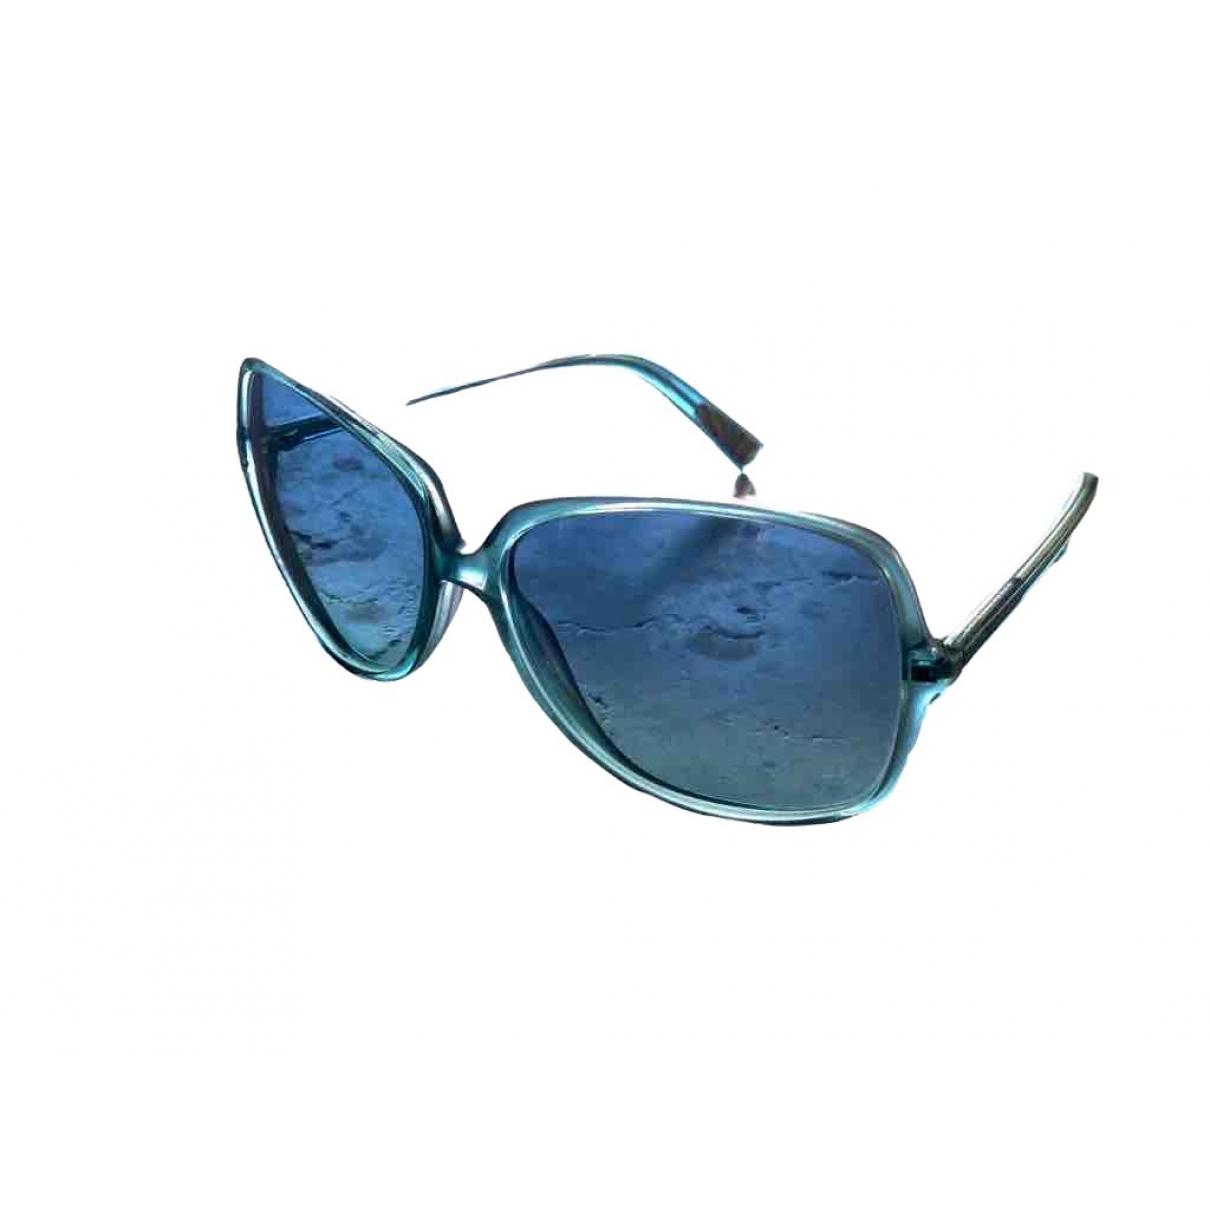 Paul Smith - Lunettes   pour femme - bleu